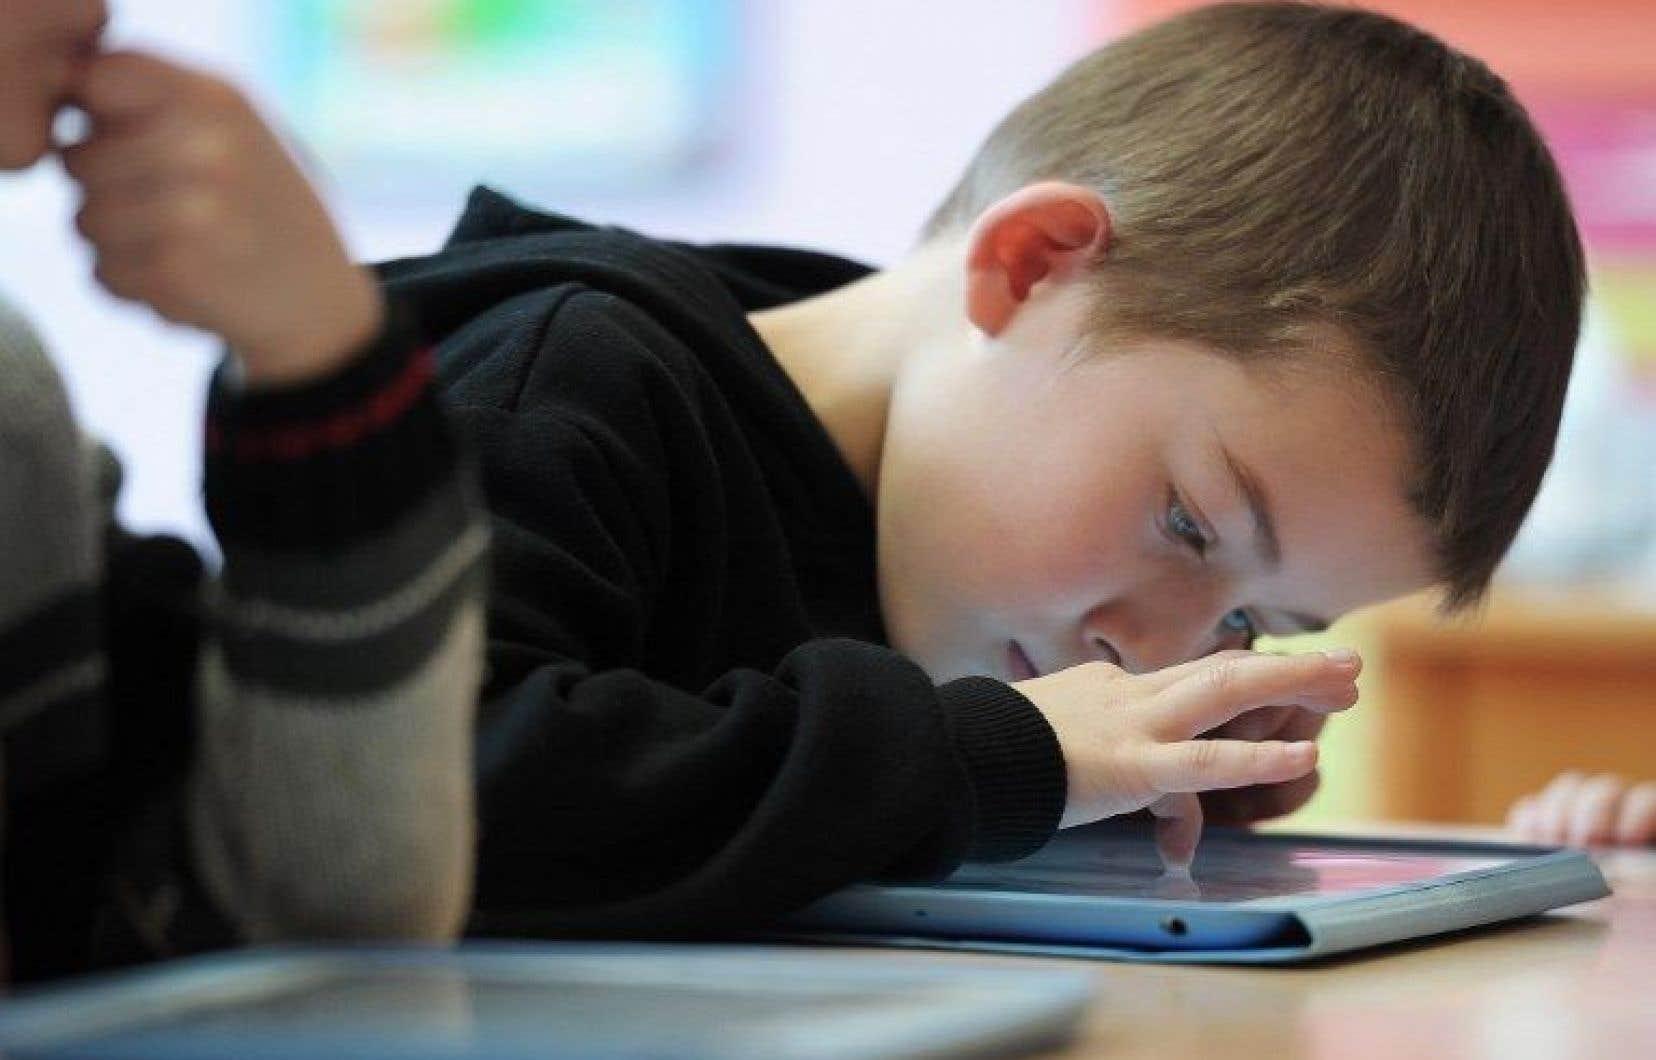 Selon une étude, seulement 15 pour cent des enfants d'âge préscolaire passent moins d'une heure par jour devant une télé ou une tablette.